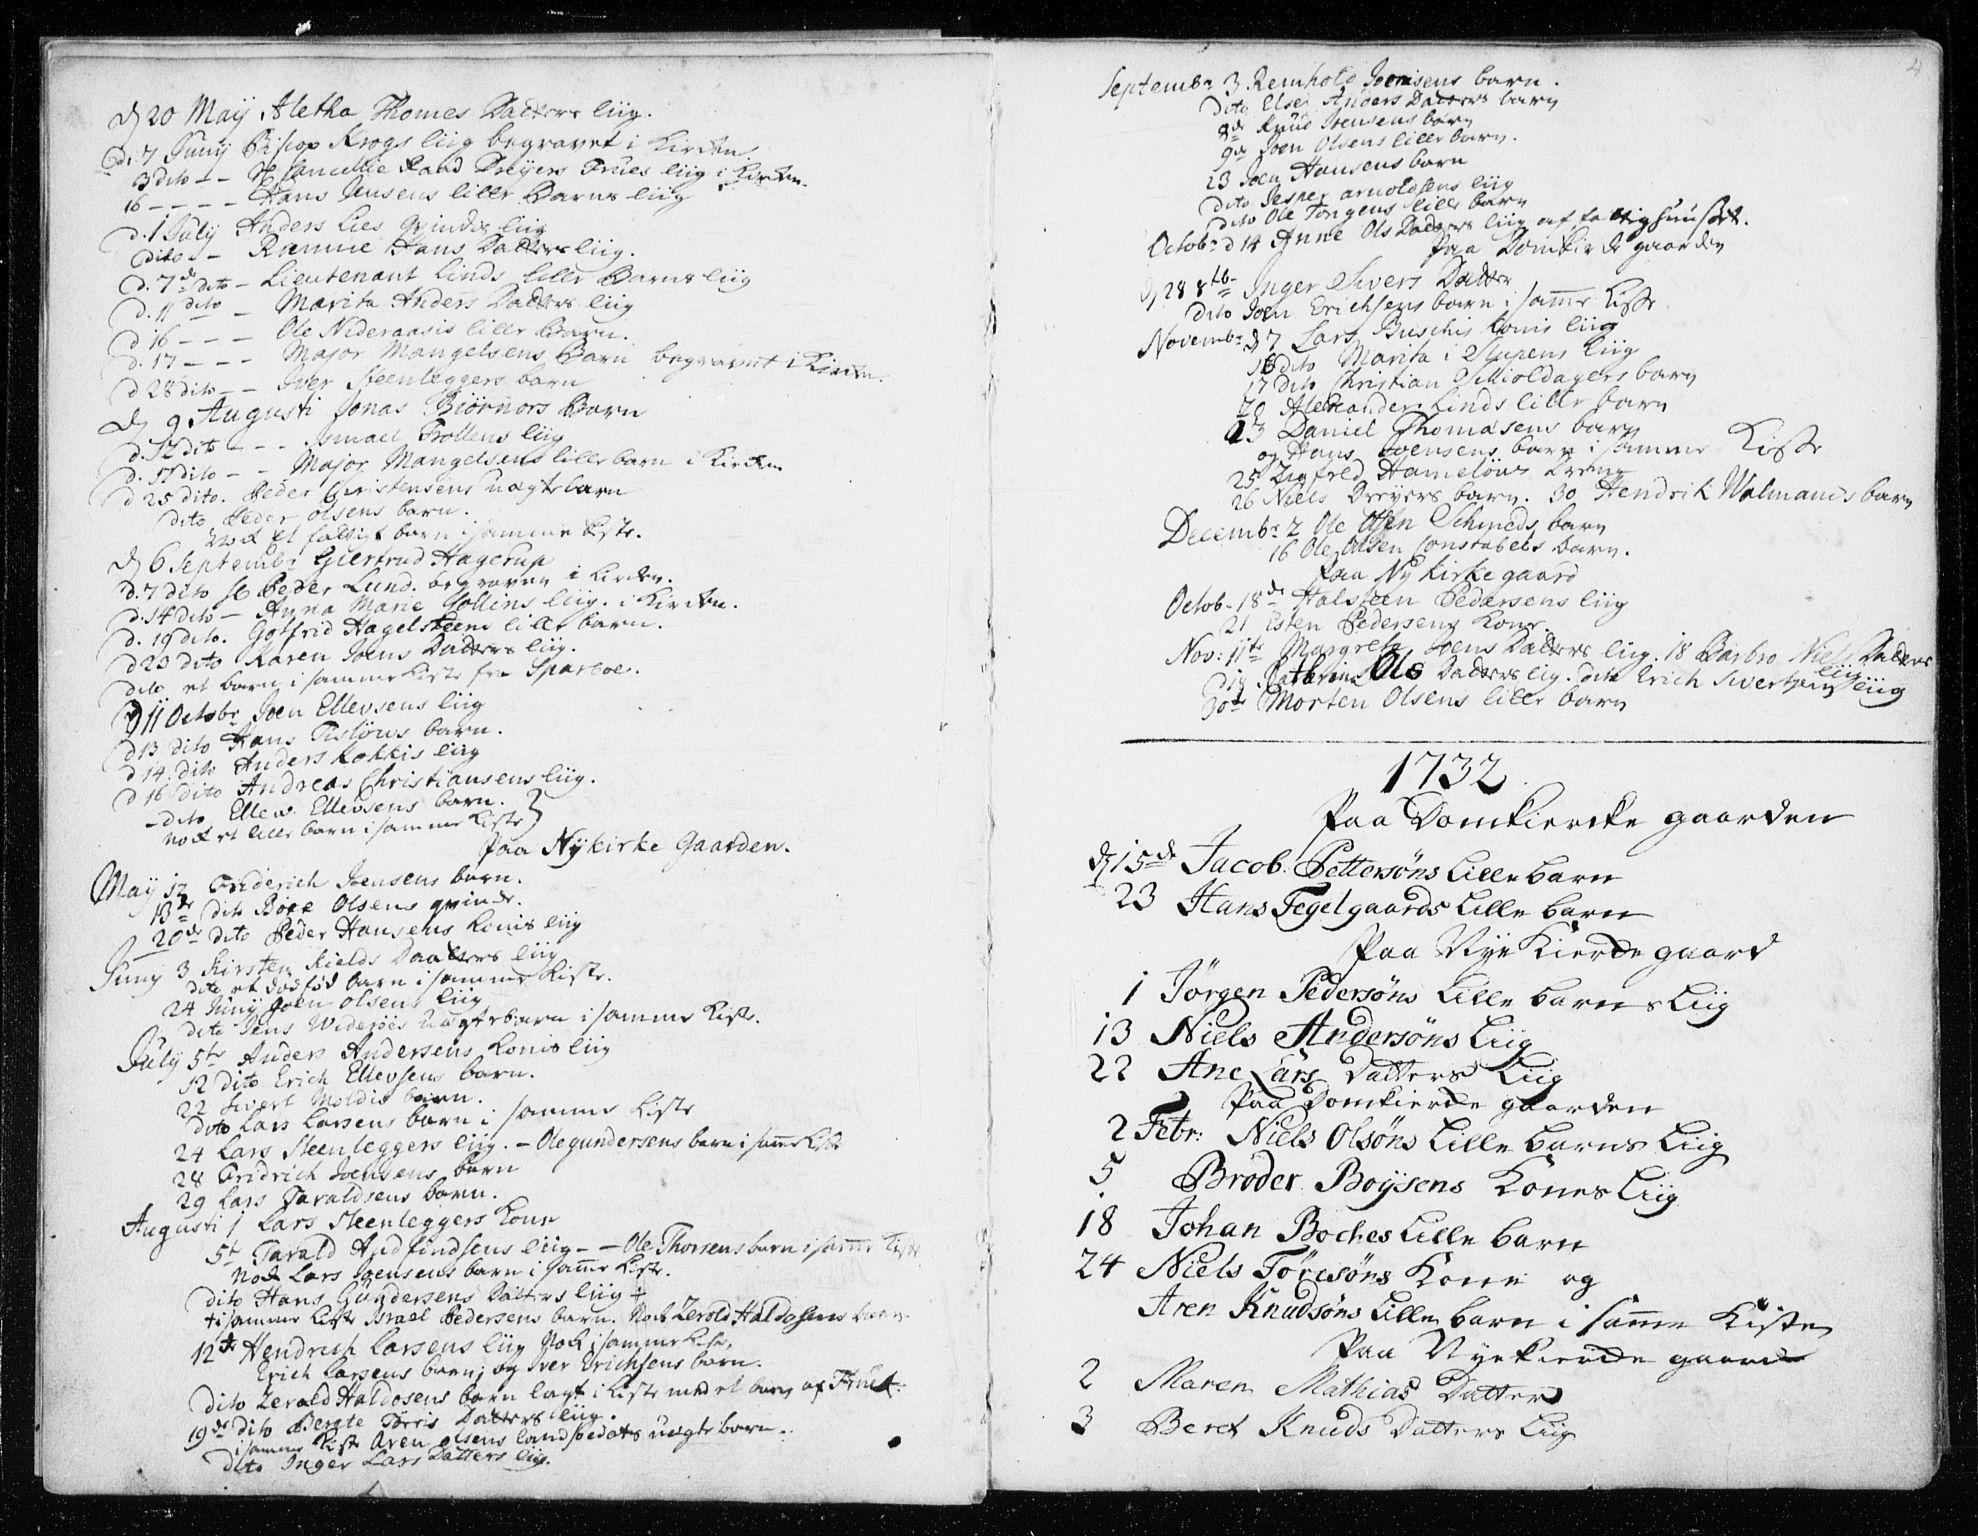 SAT, Ministerialprotokoller, klokkerbøker og fødselsregistre - Sør-Trøndelag, 601/L0037: Ministerialbok nr. 601A05, 1729-1761, s. 4